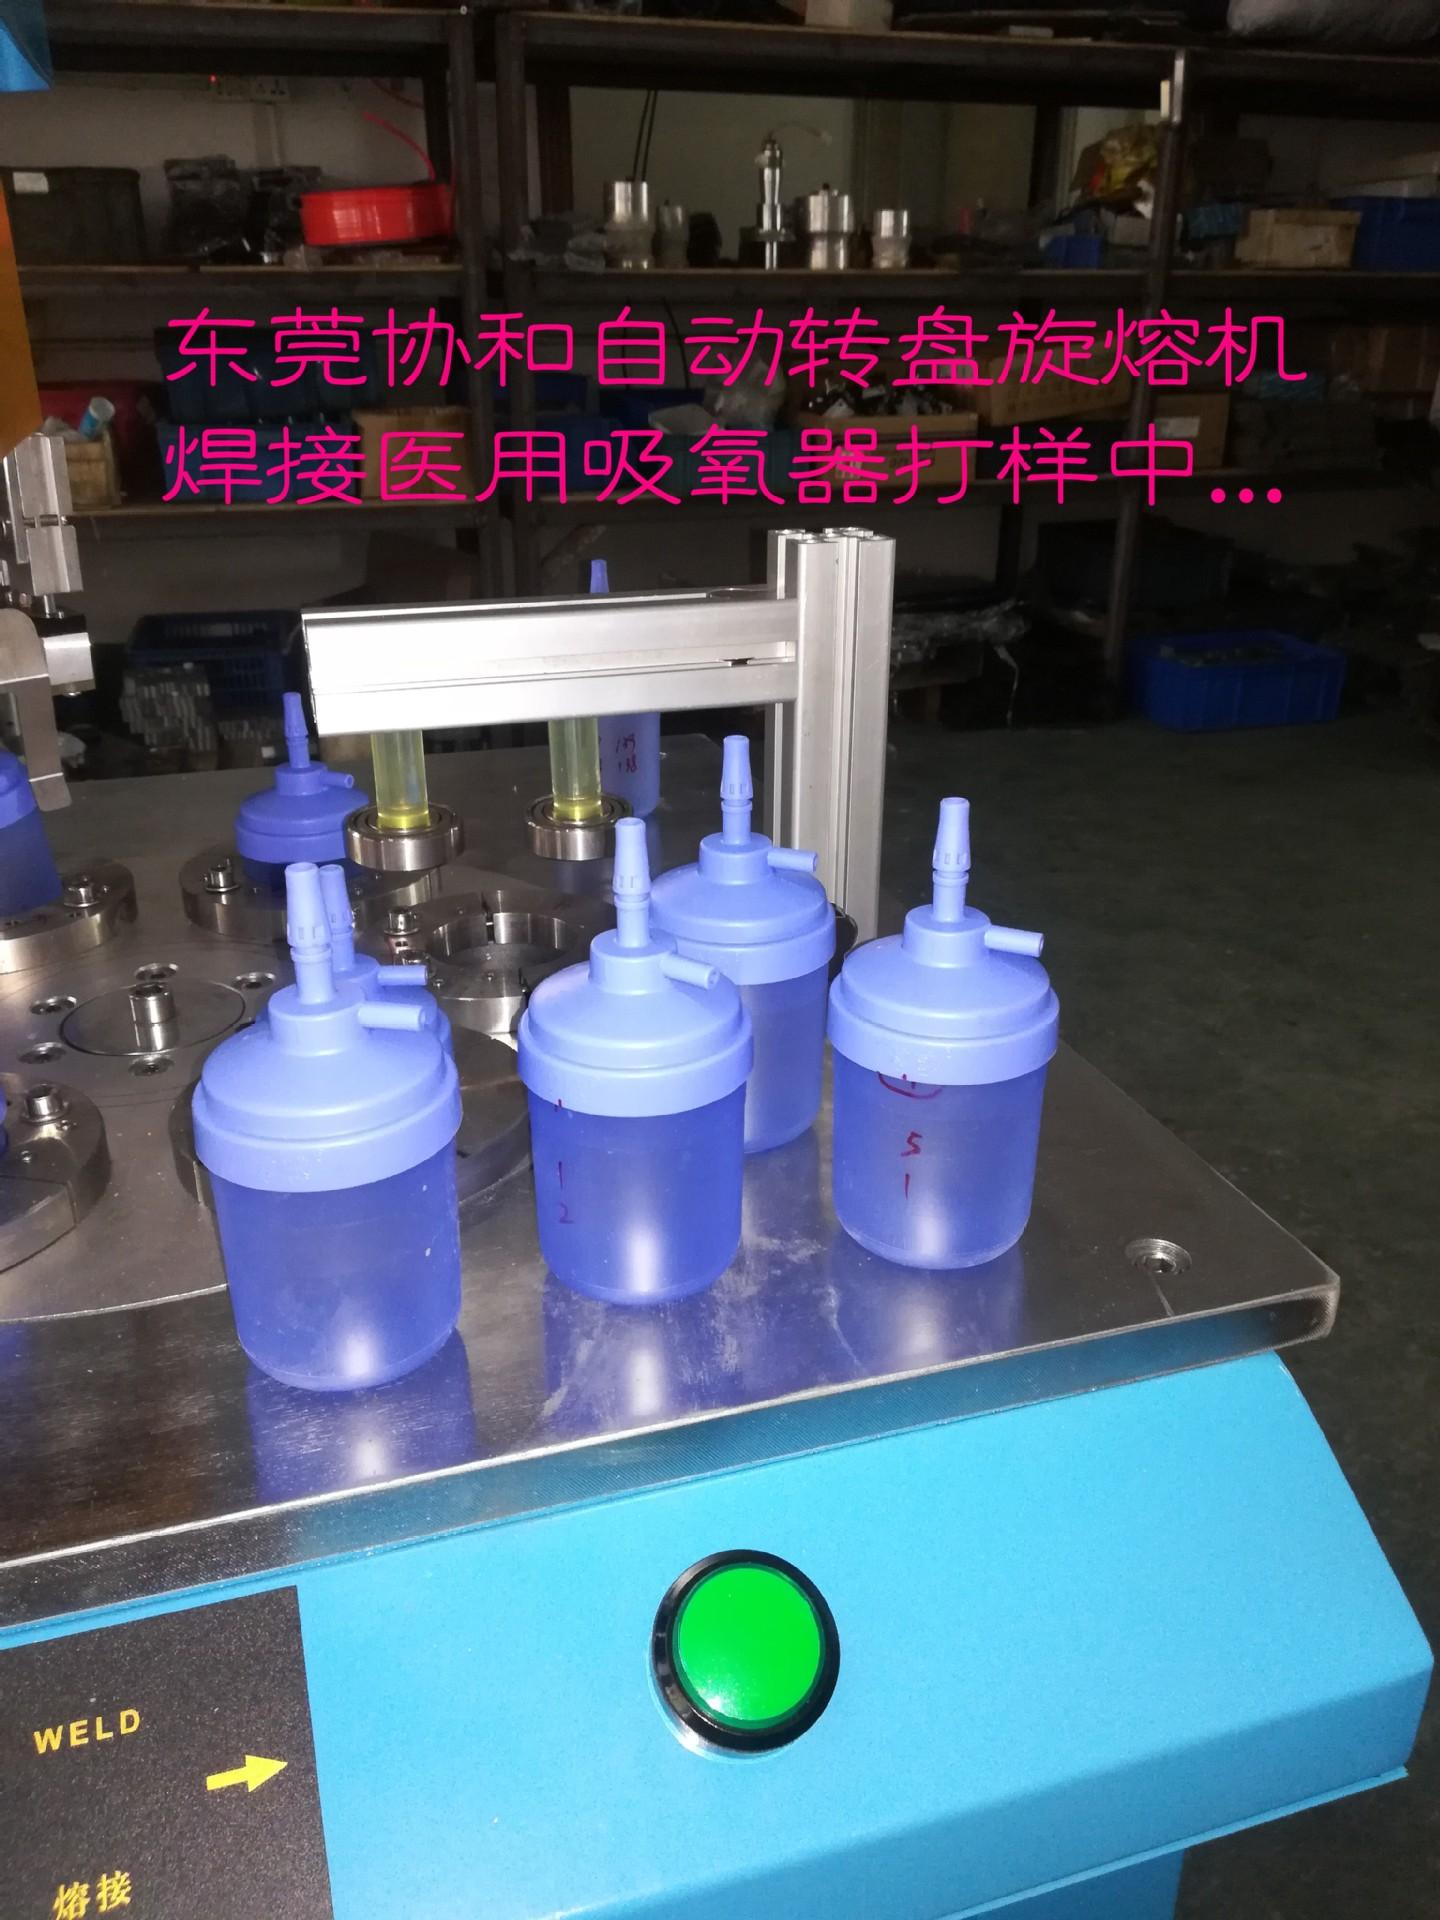 自动转盘旋熔机的价格 买机送模具 协和生产厂家 欢迎定购定位旋示例图9